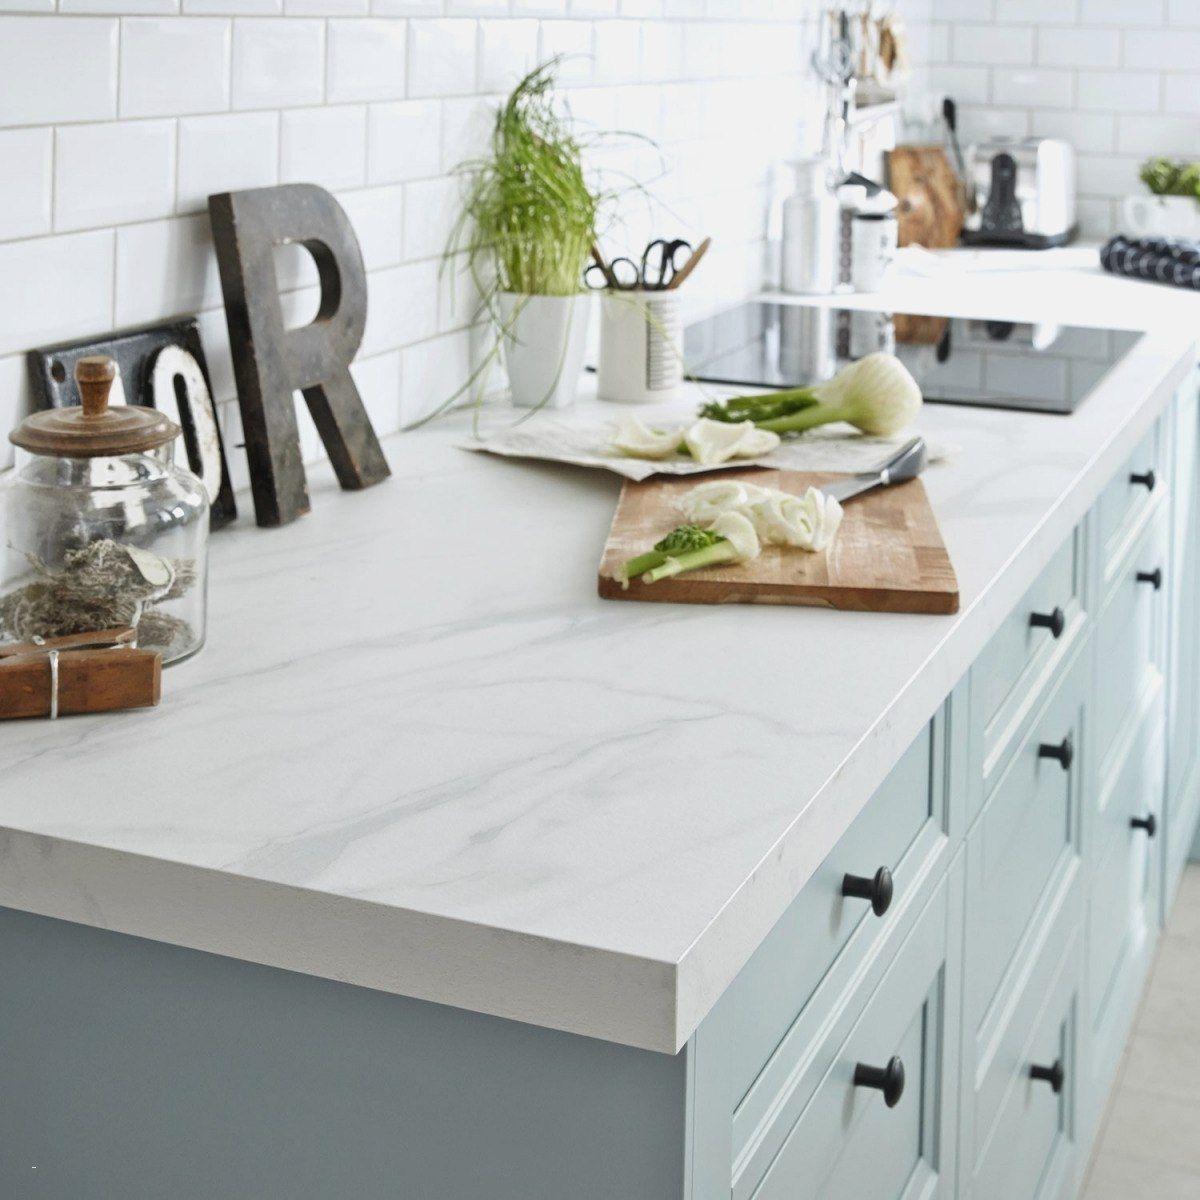 100 Remarquable Conseils Plan De Travail Cuisine Imitation Marbre Blanc